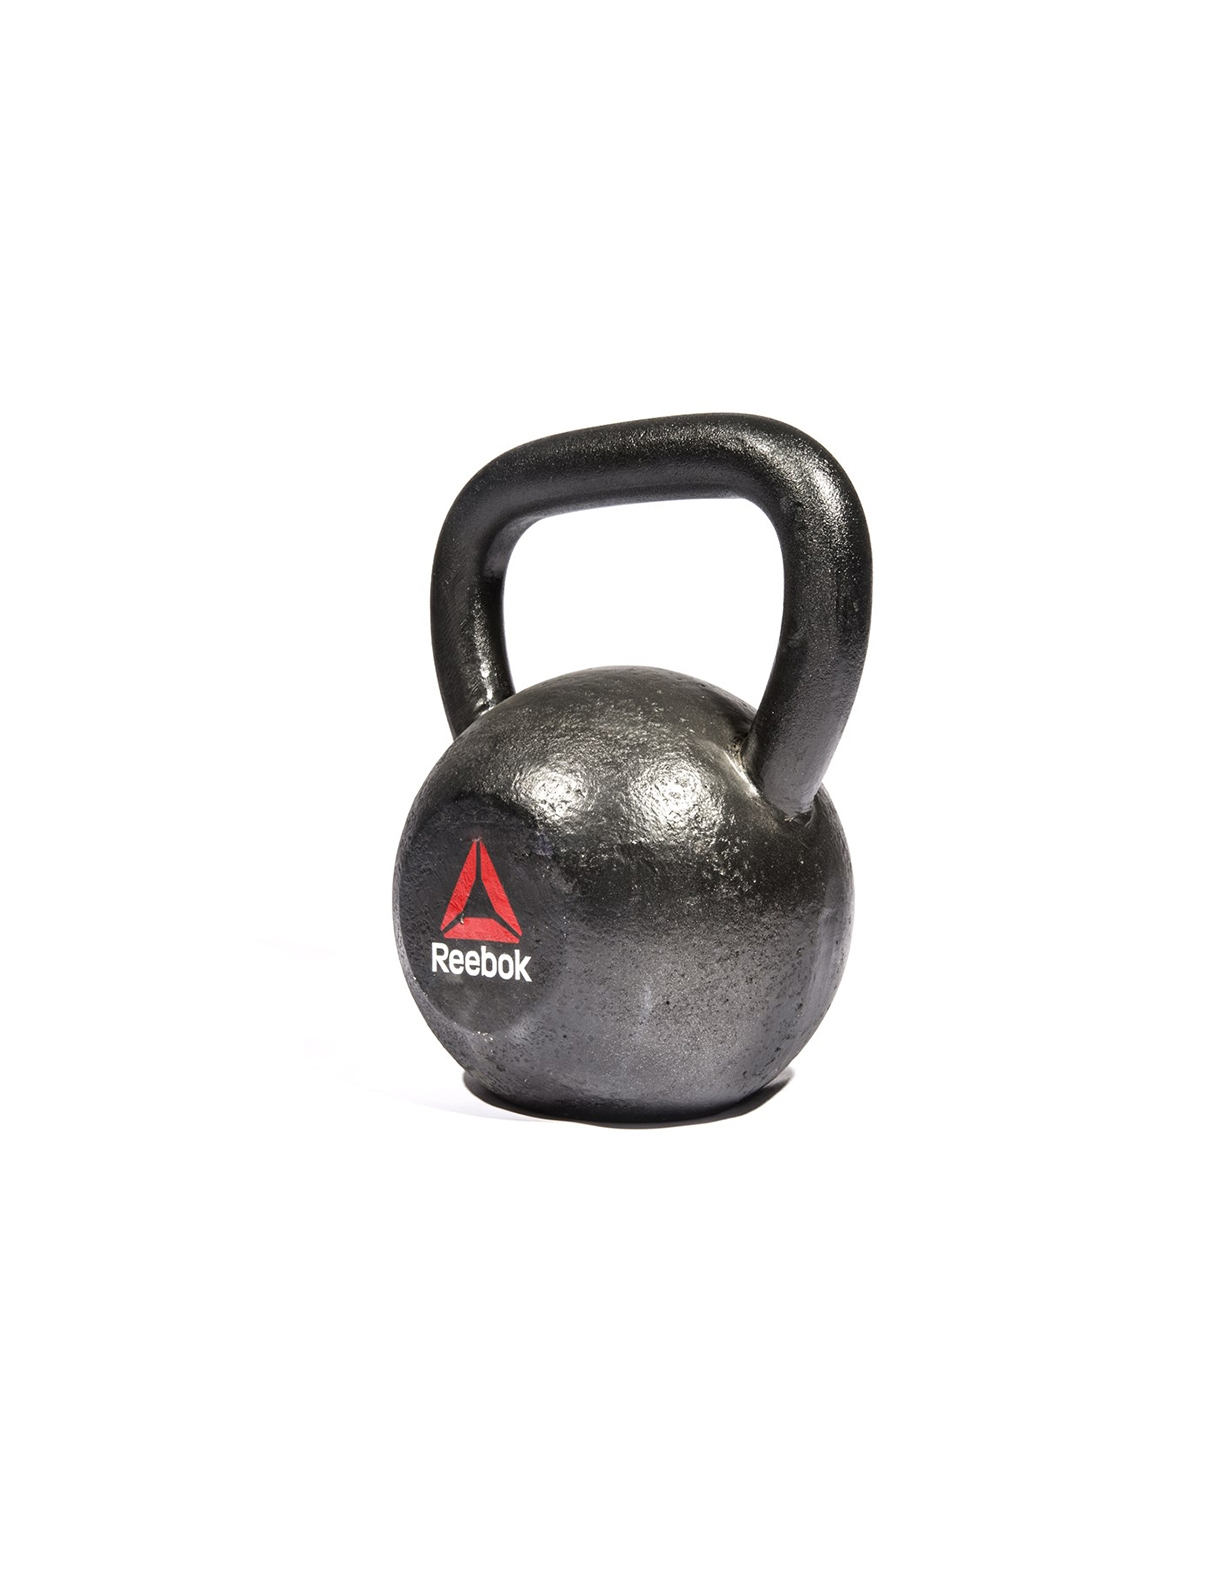 RSWT-12304 - Kettlebell - 20kg